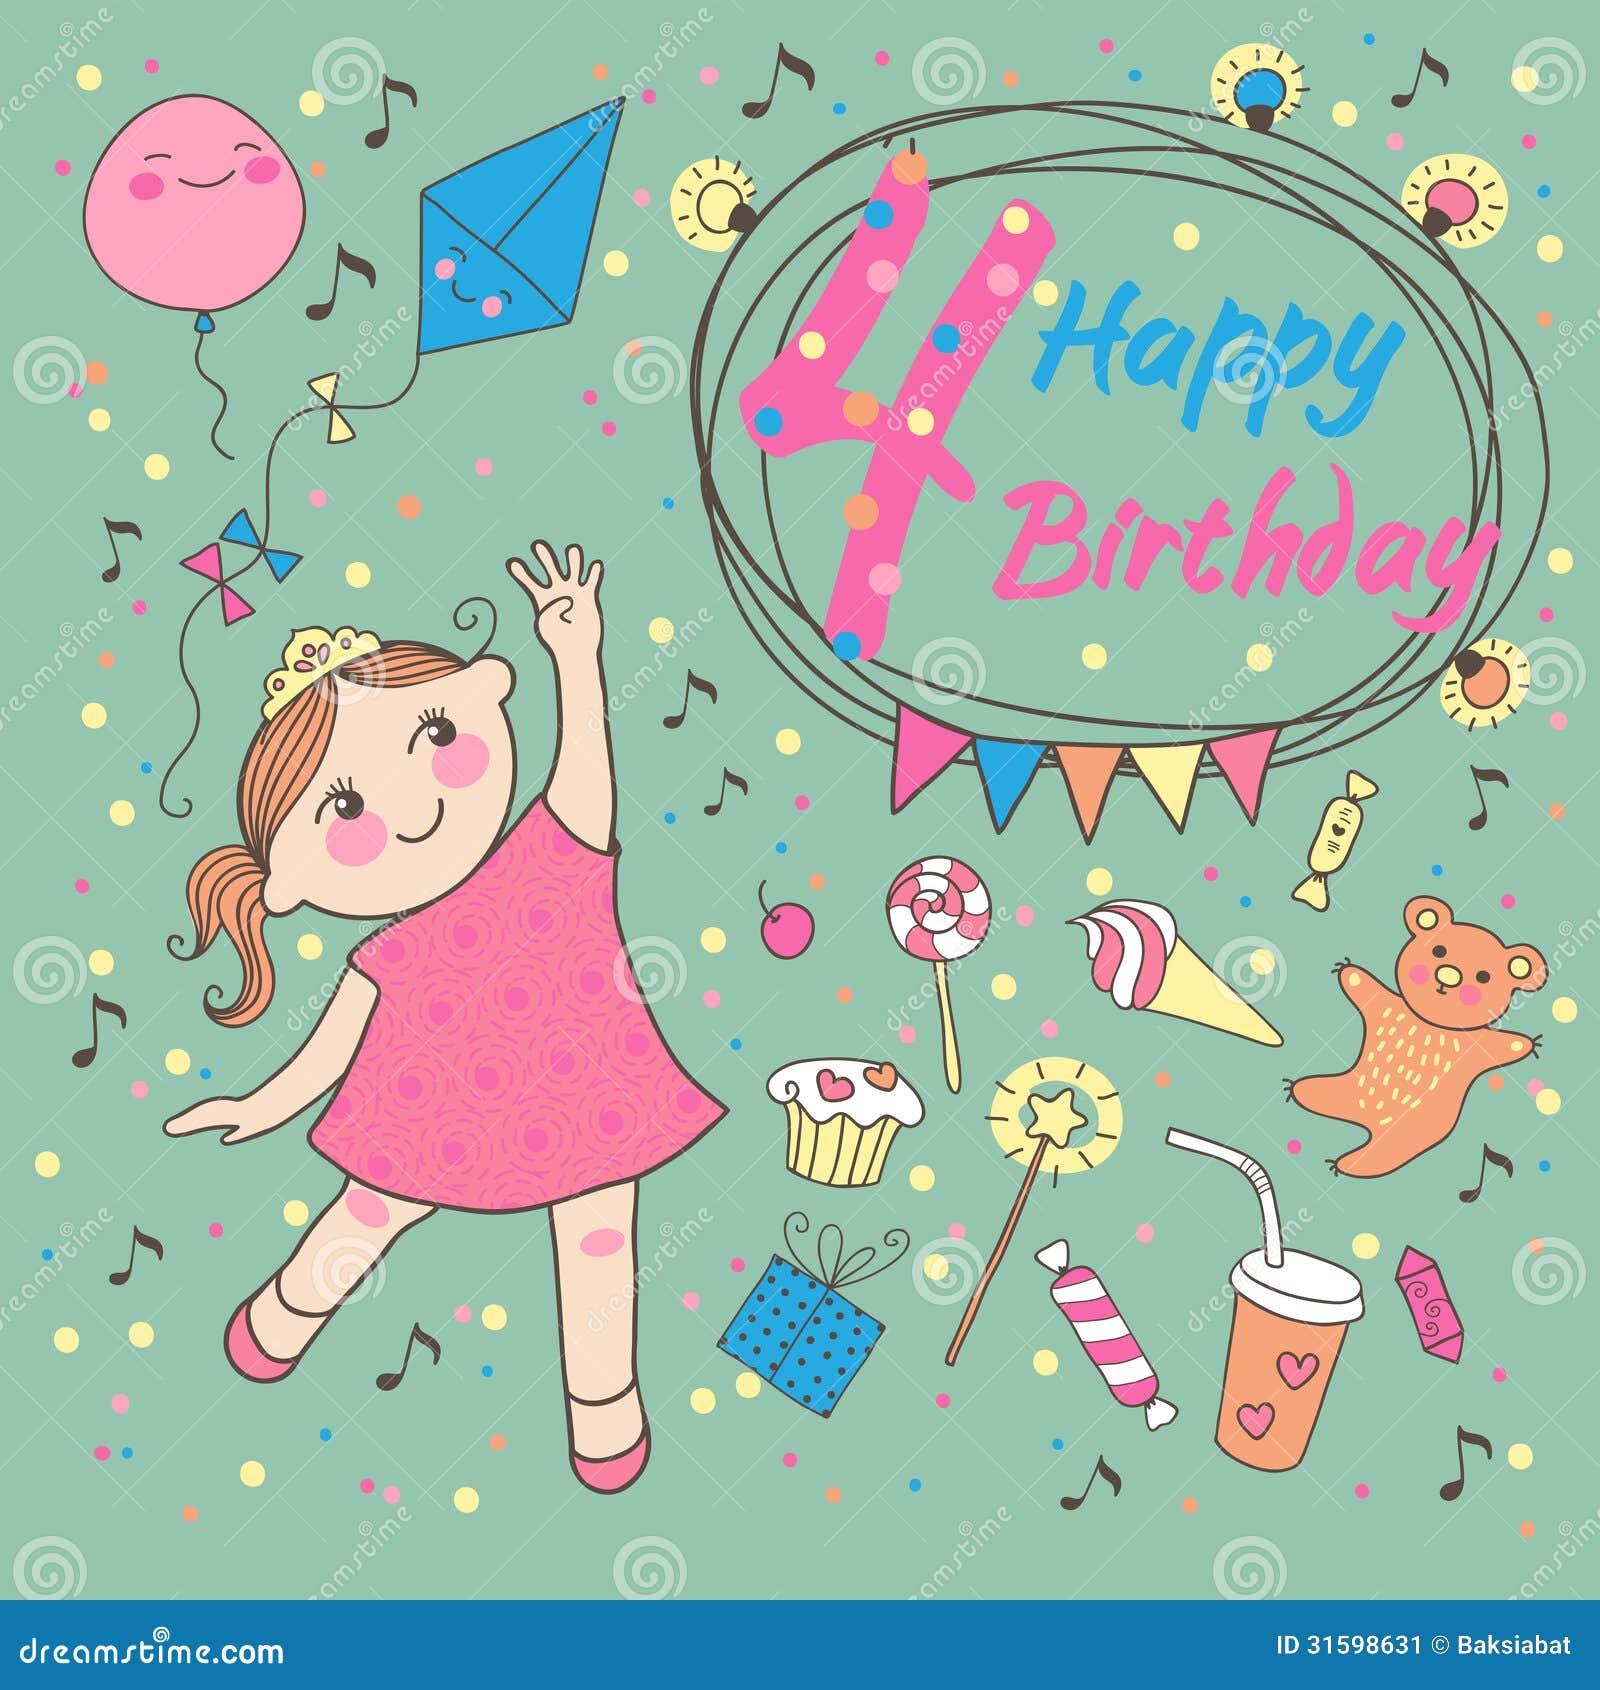 Поздравления на 4 года день рождения девочки как